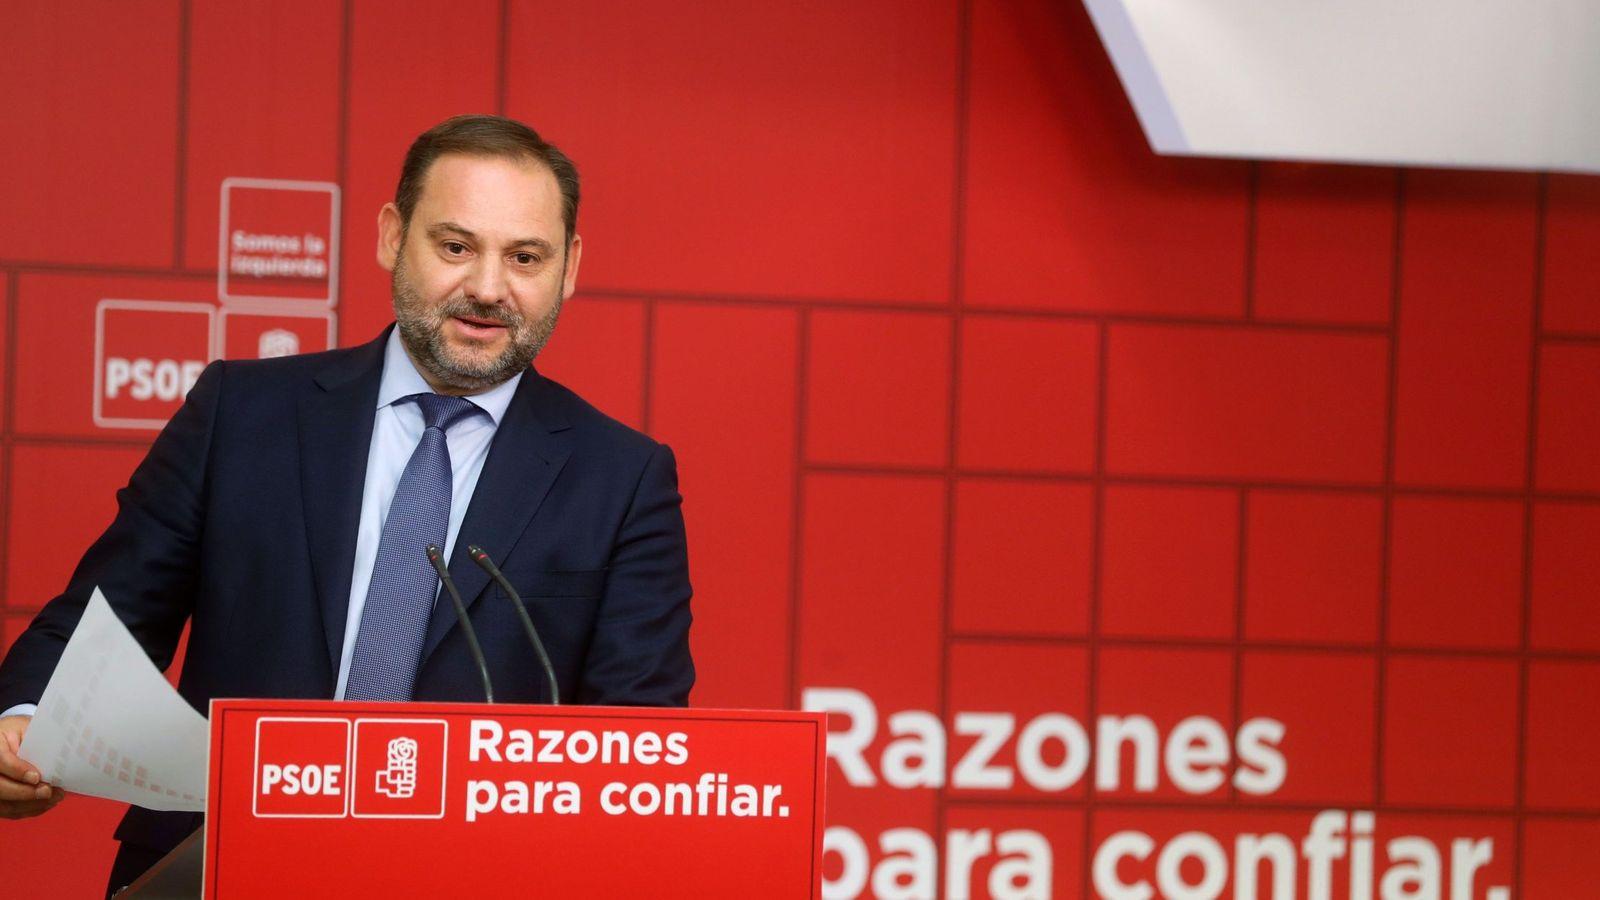 Foto: El ministro de Fomento y secretario de Organización del PSOE, José Luis Ábalos, este 1 de octubre en Ferraz. (EFE)